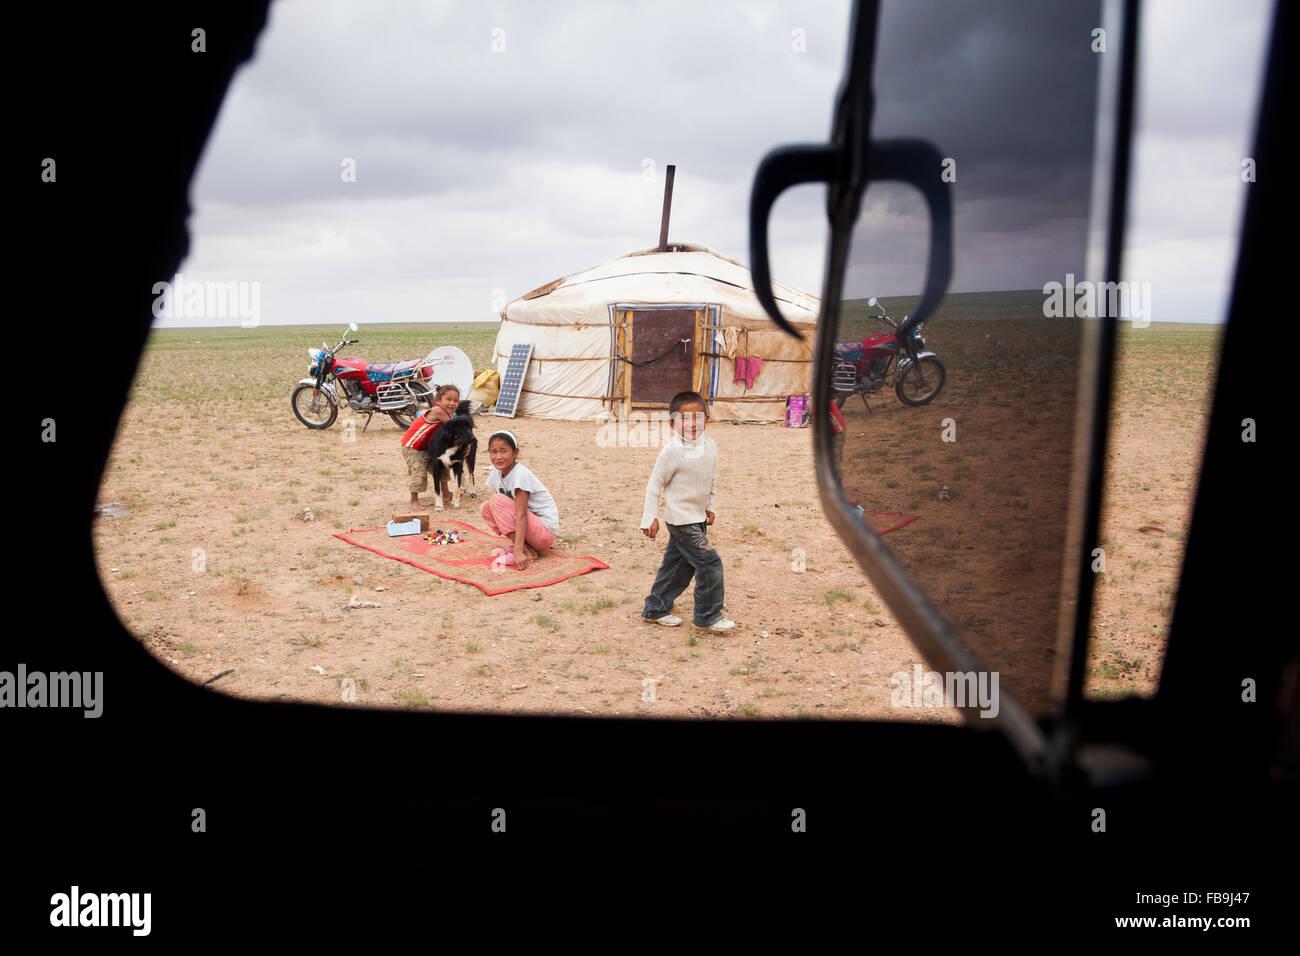 Una famiglia nomade camp nel Deserto del Gobi, Mongolia. Immagini Stock